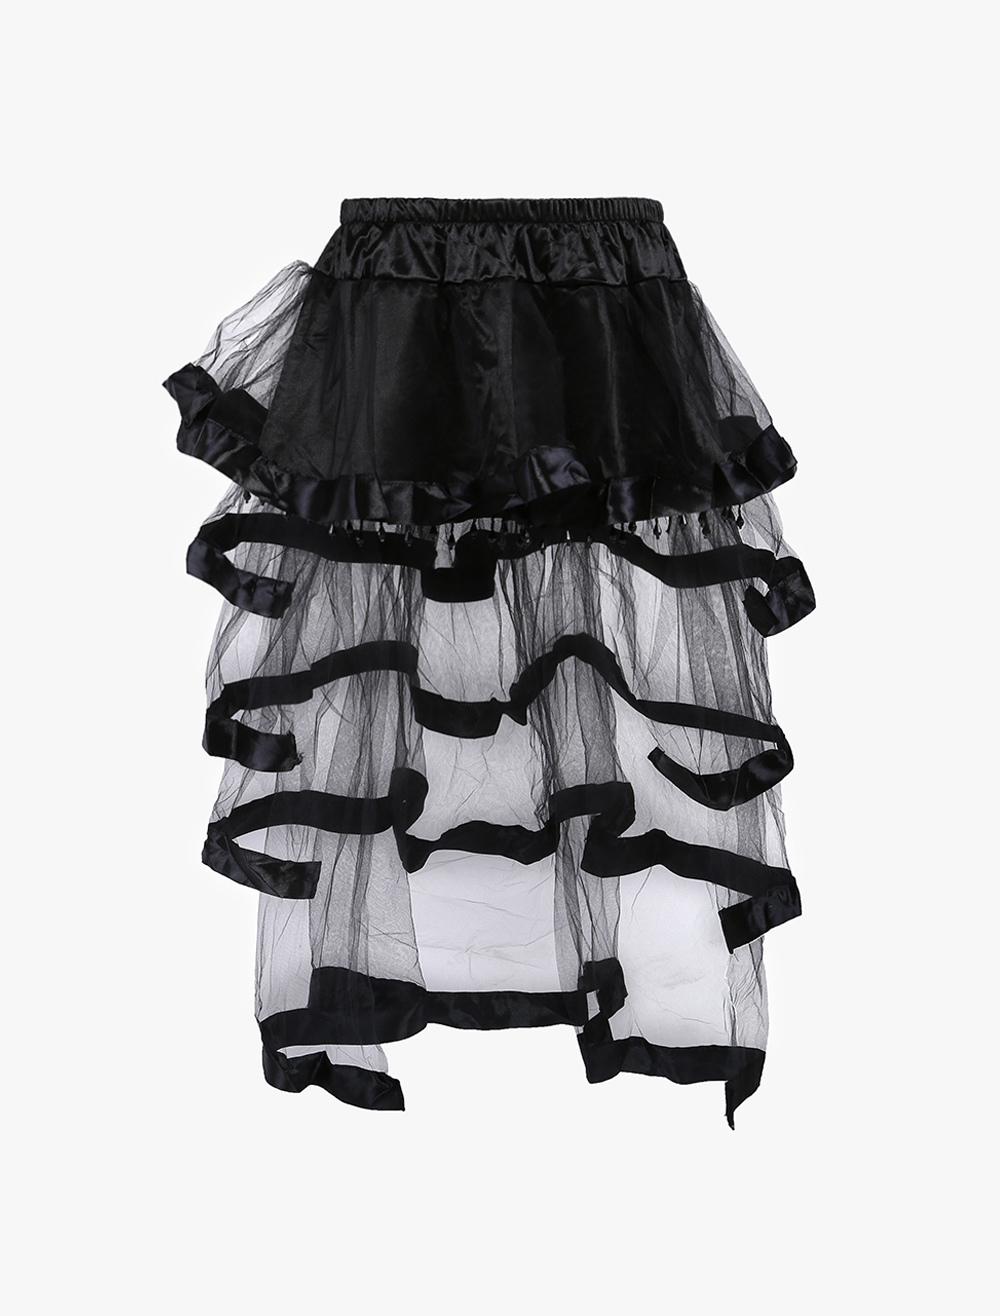 New Fashion Sheer Black Nylon Long Skirt For Women